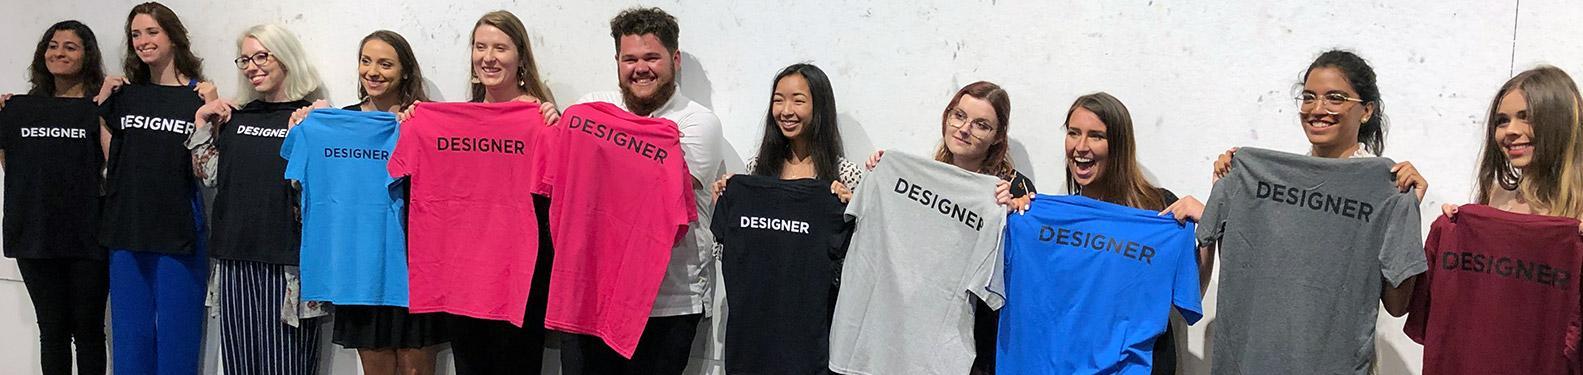 Digital Media Design BA